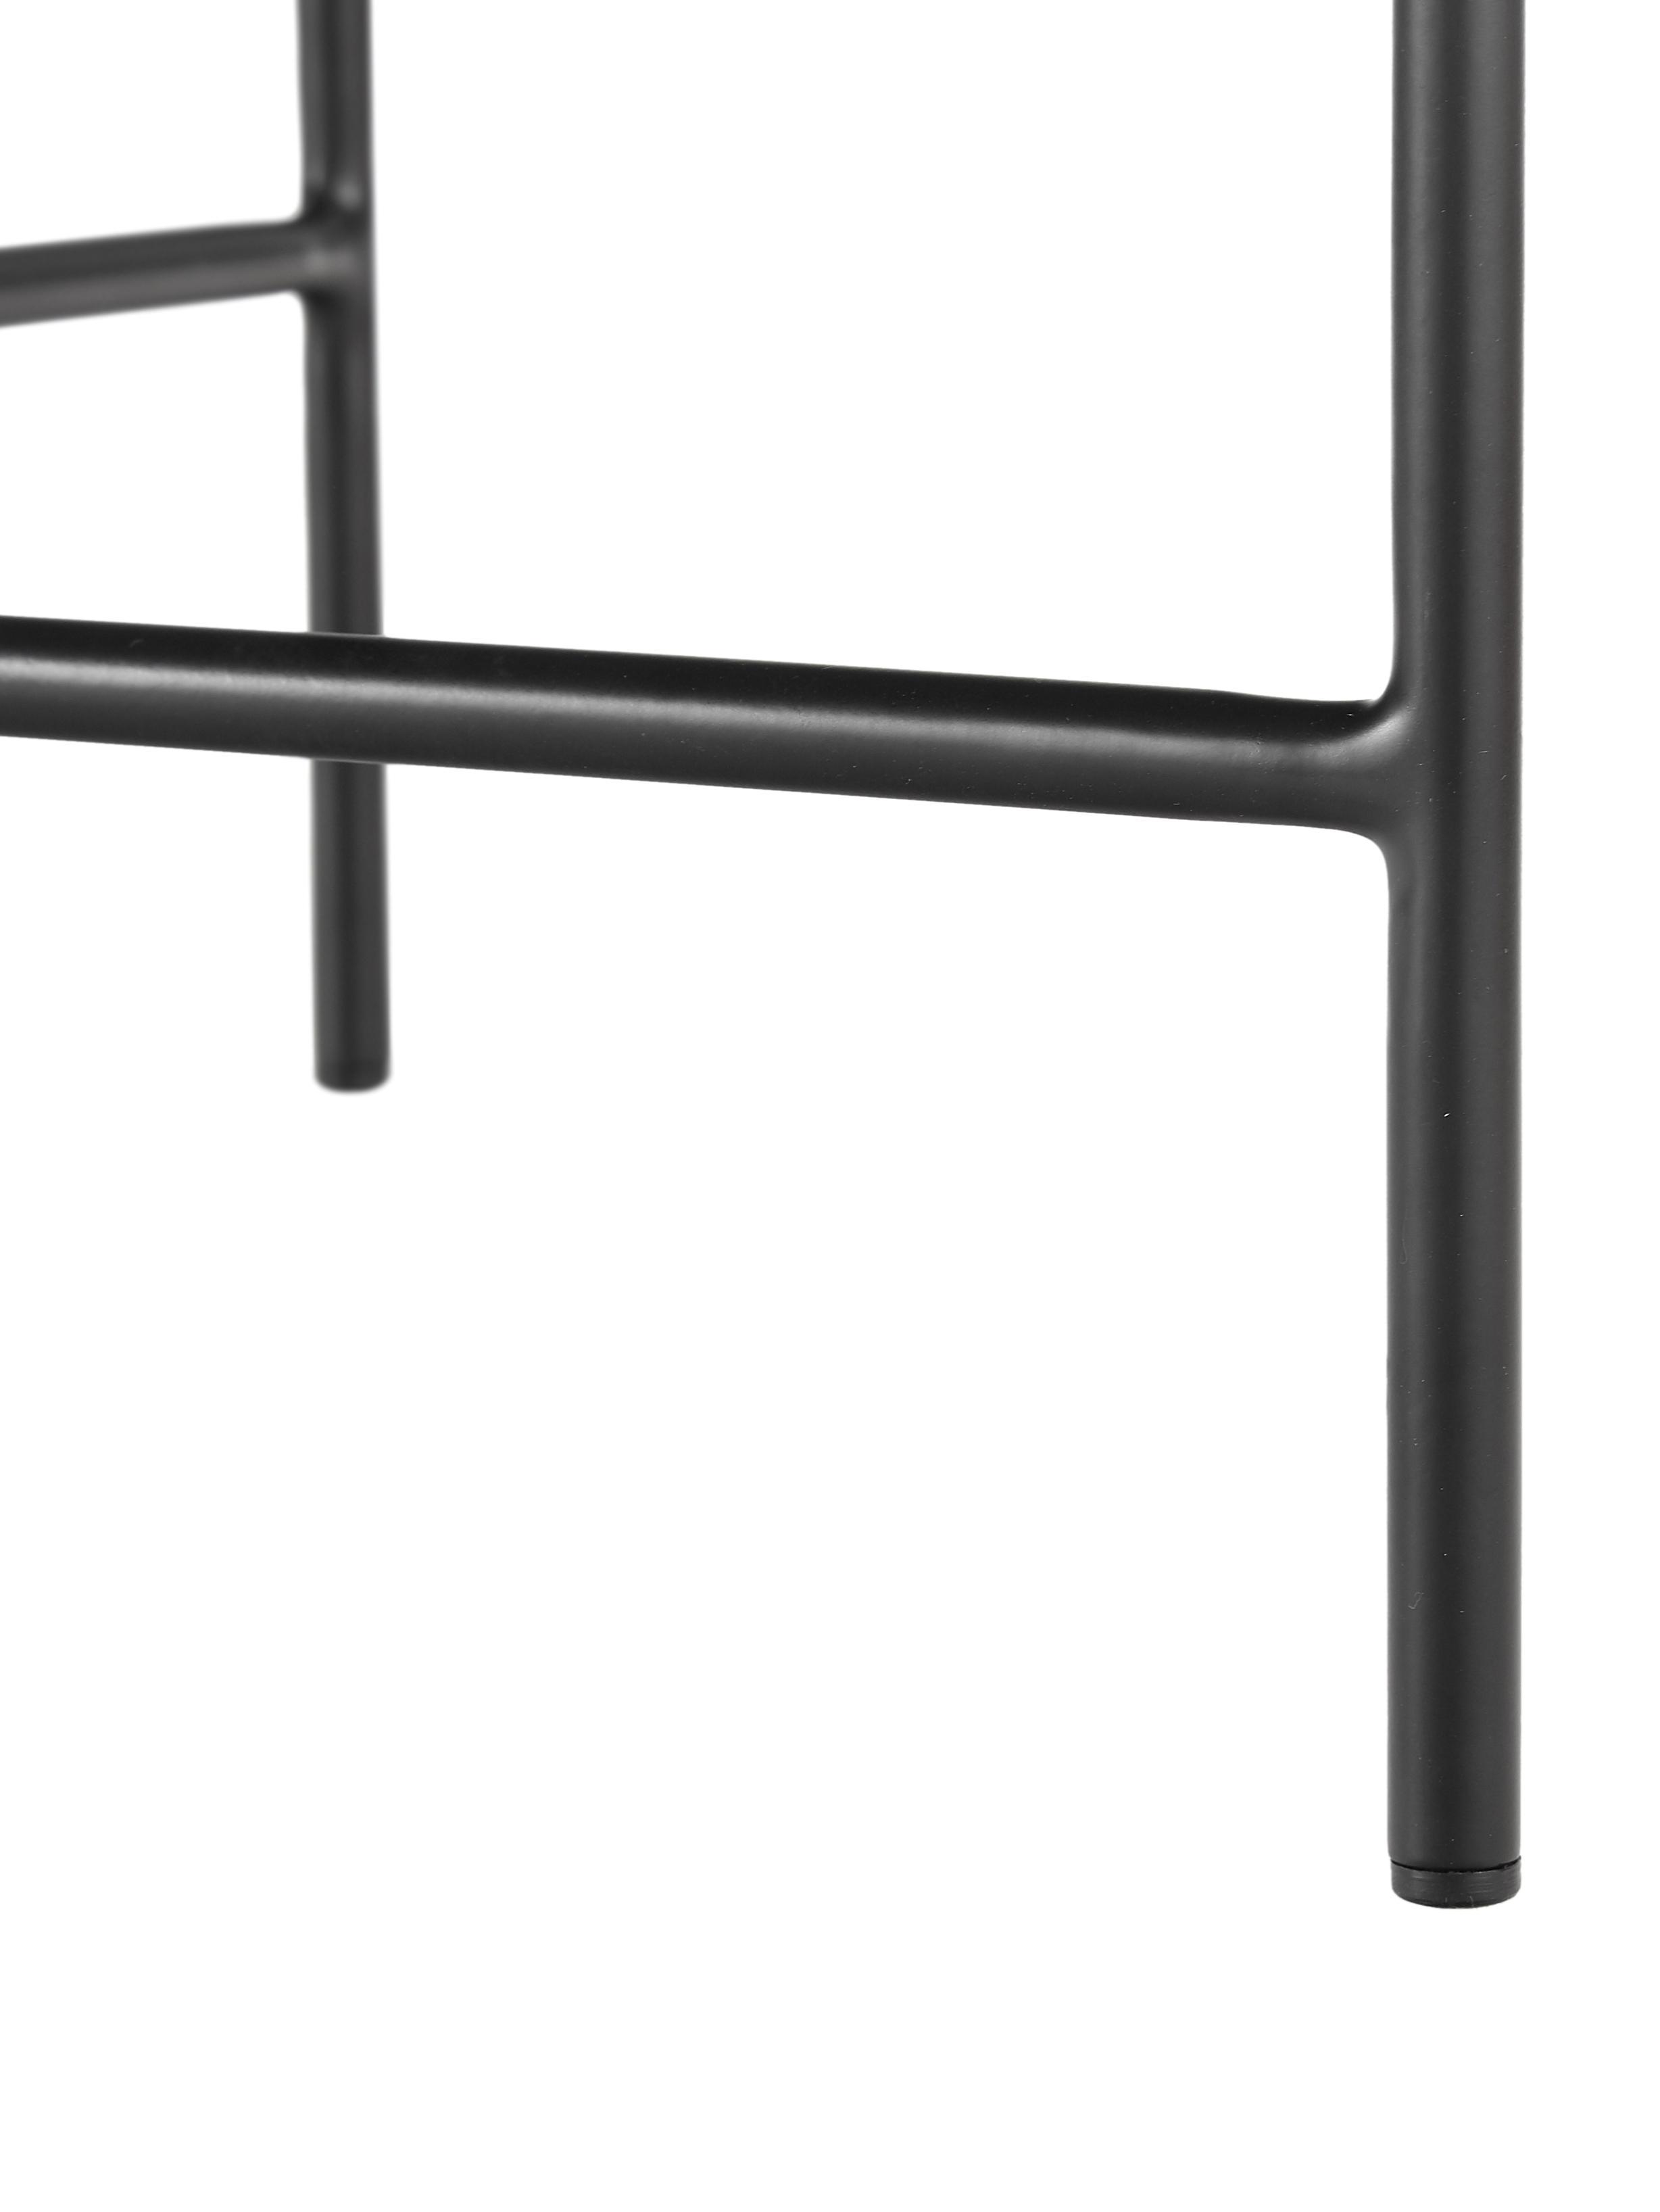 Schwarzer Couchtisch Mica mit Holzplatte, Tischplatte: Mitteldichte Holzfaserpla, Gestell: Metall, pulverbeschichtet, Tischplatte: Eichenholzfurnier, schwarz lackiertBeine: Schwarz, matt, Ø 82 x H 41 cm